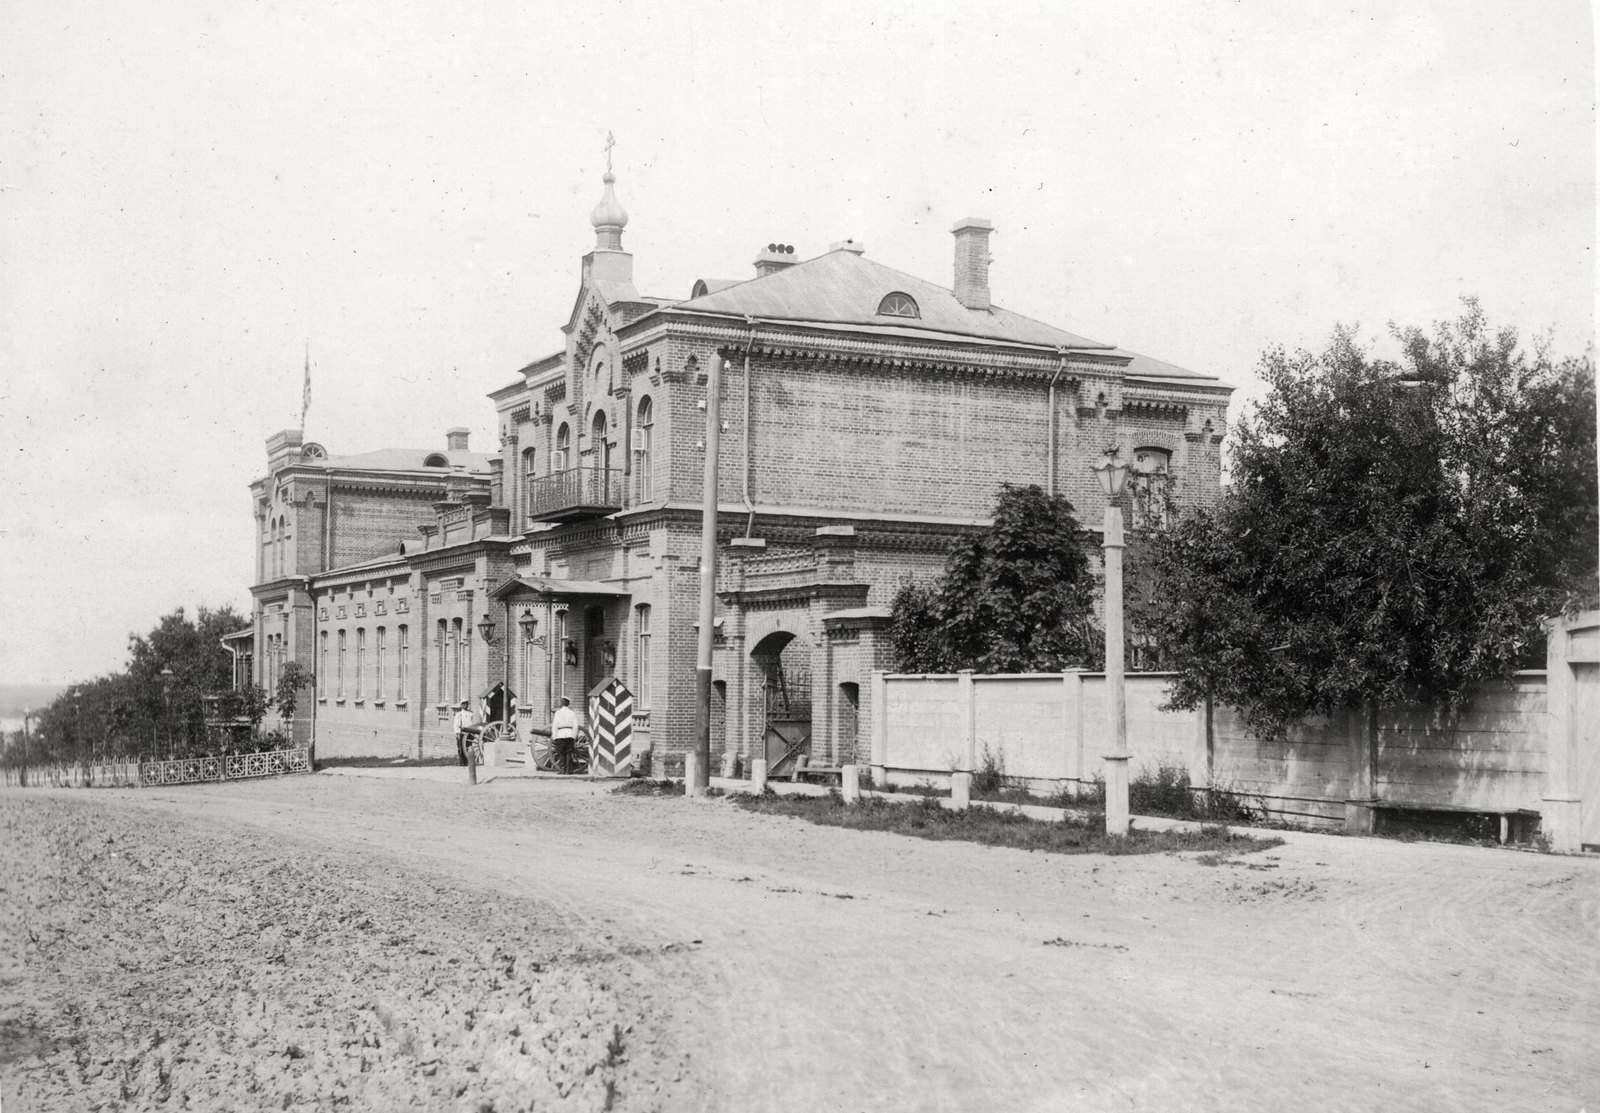 11. Генерал-губернаторский дом. Комплекс зданий объединенных в единое целое. Лето 1904